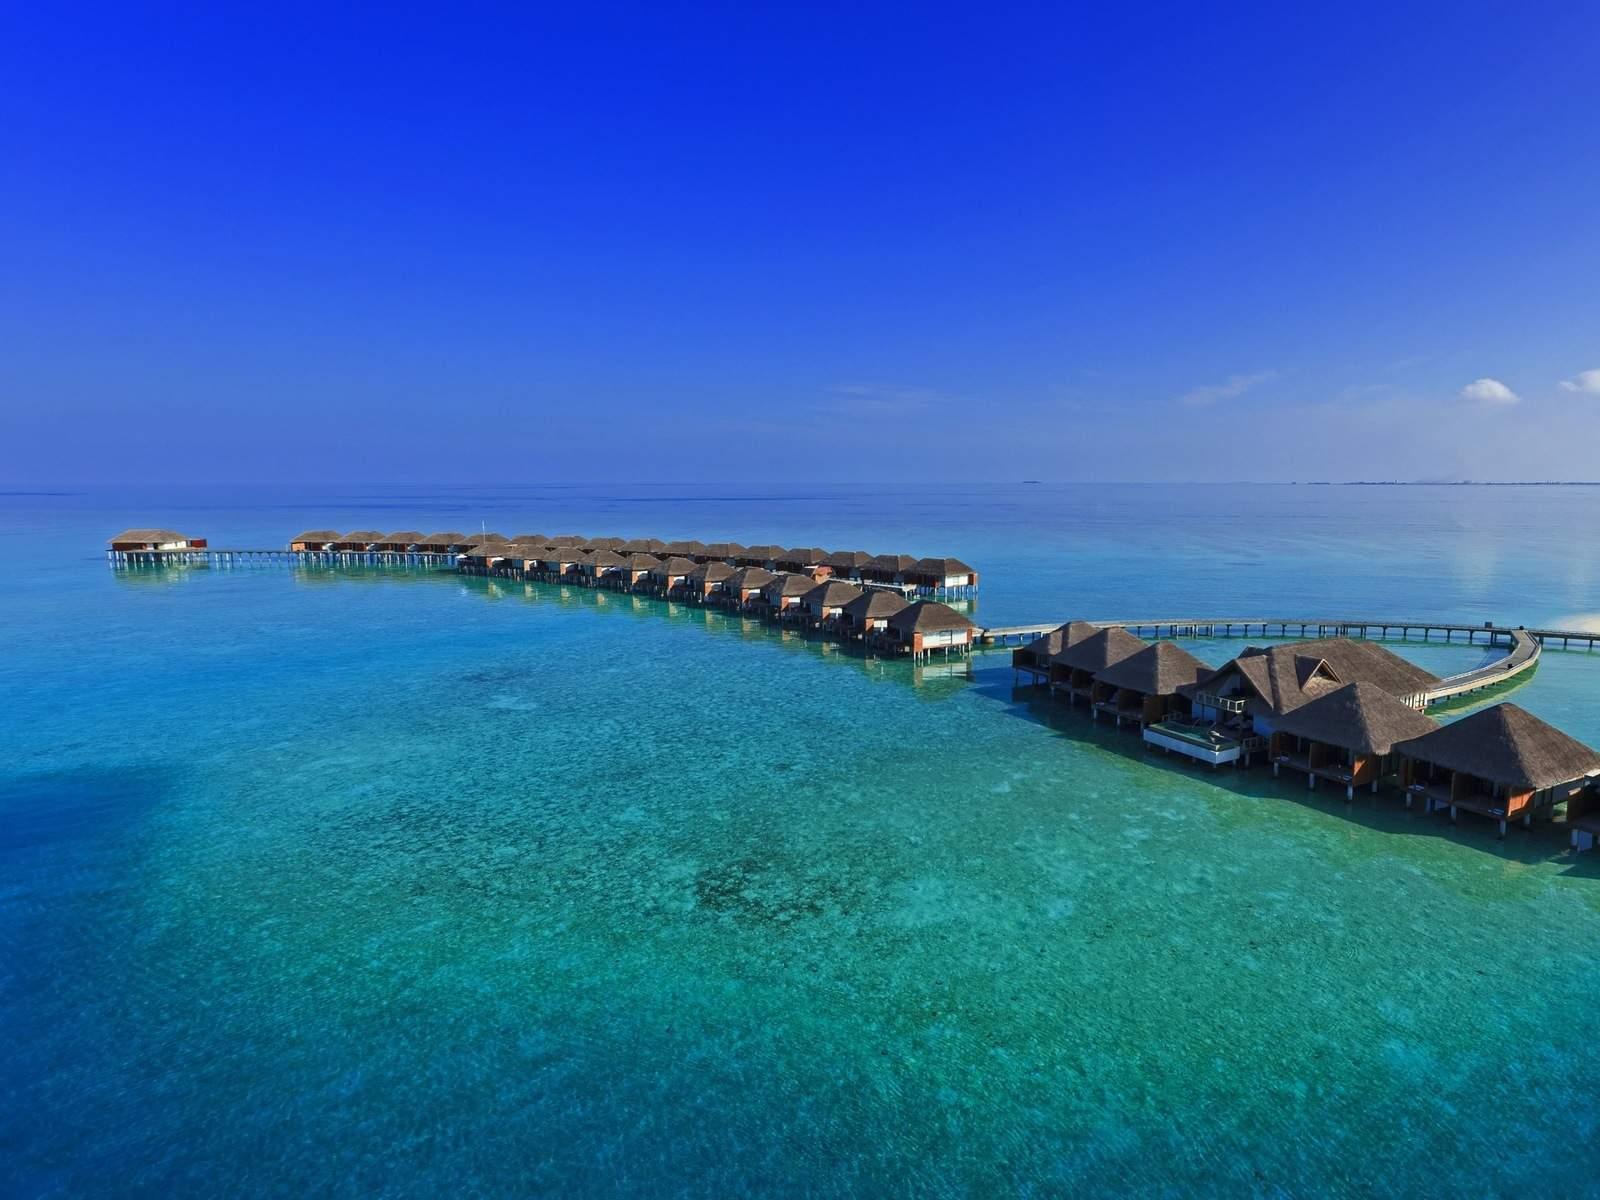 Лучшие пляжи Мальдив на фото